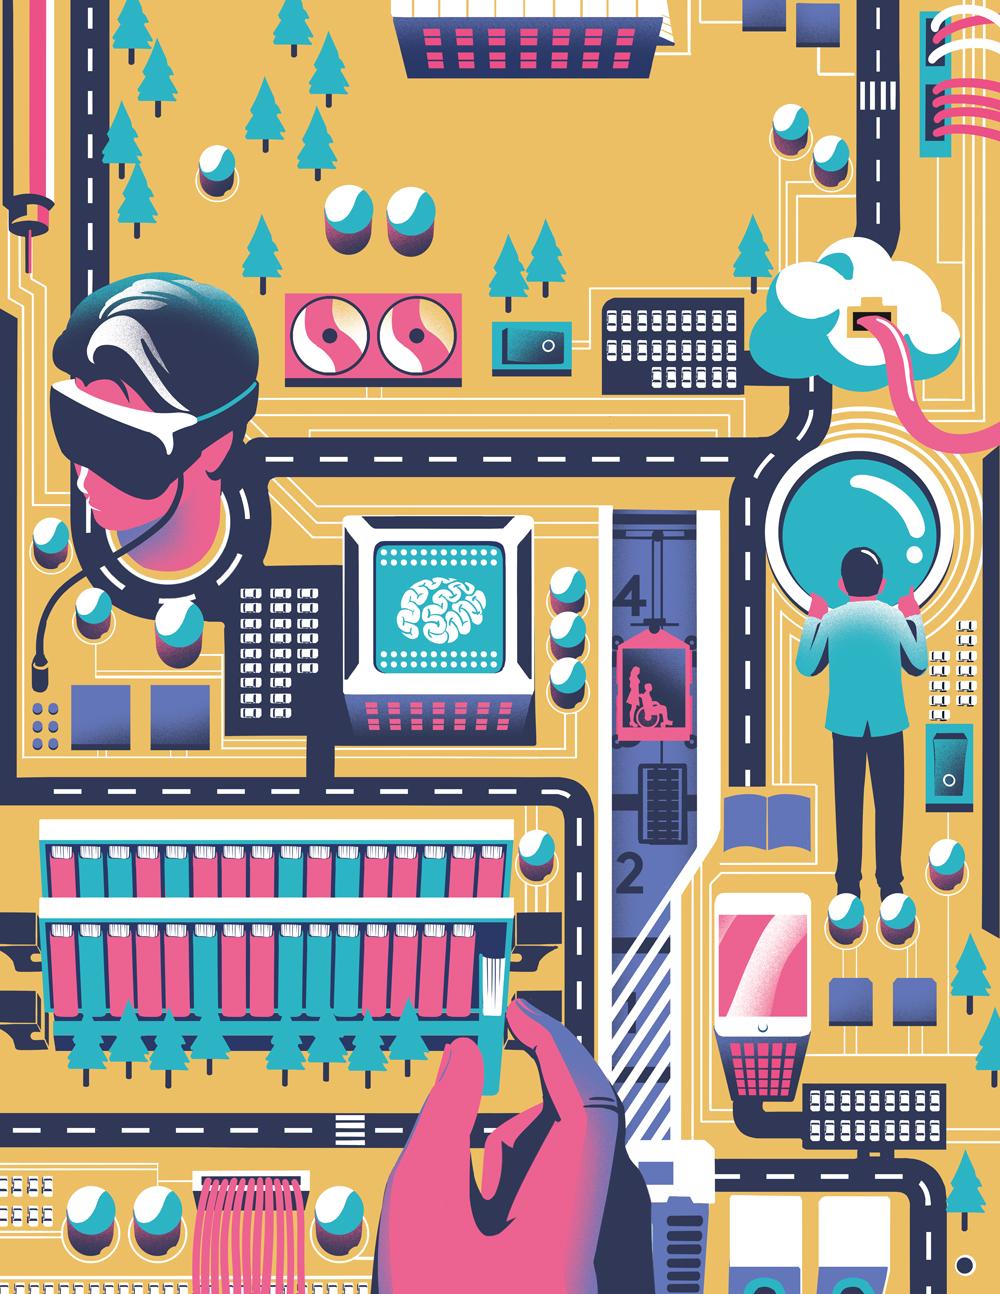 Circuitry - EC253